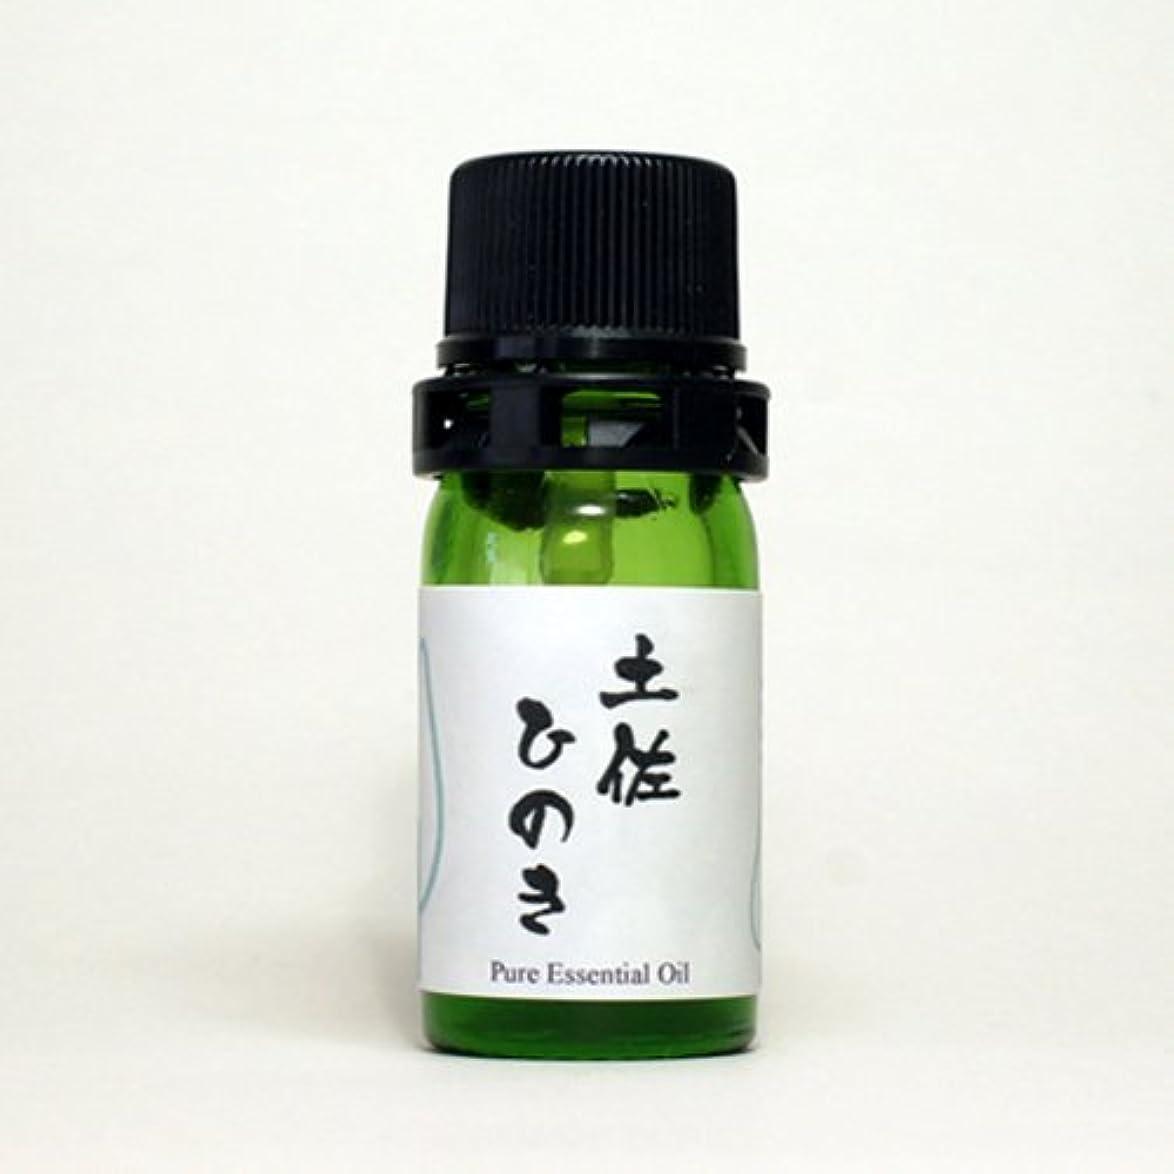 商標クライマックス現れる和精油 土佐ひのき(高知県産) エッセンシャルオイル 5ml